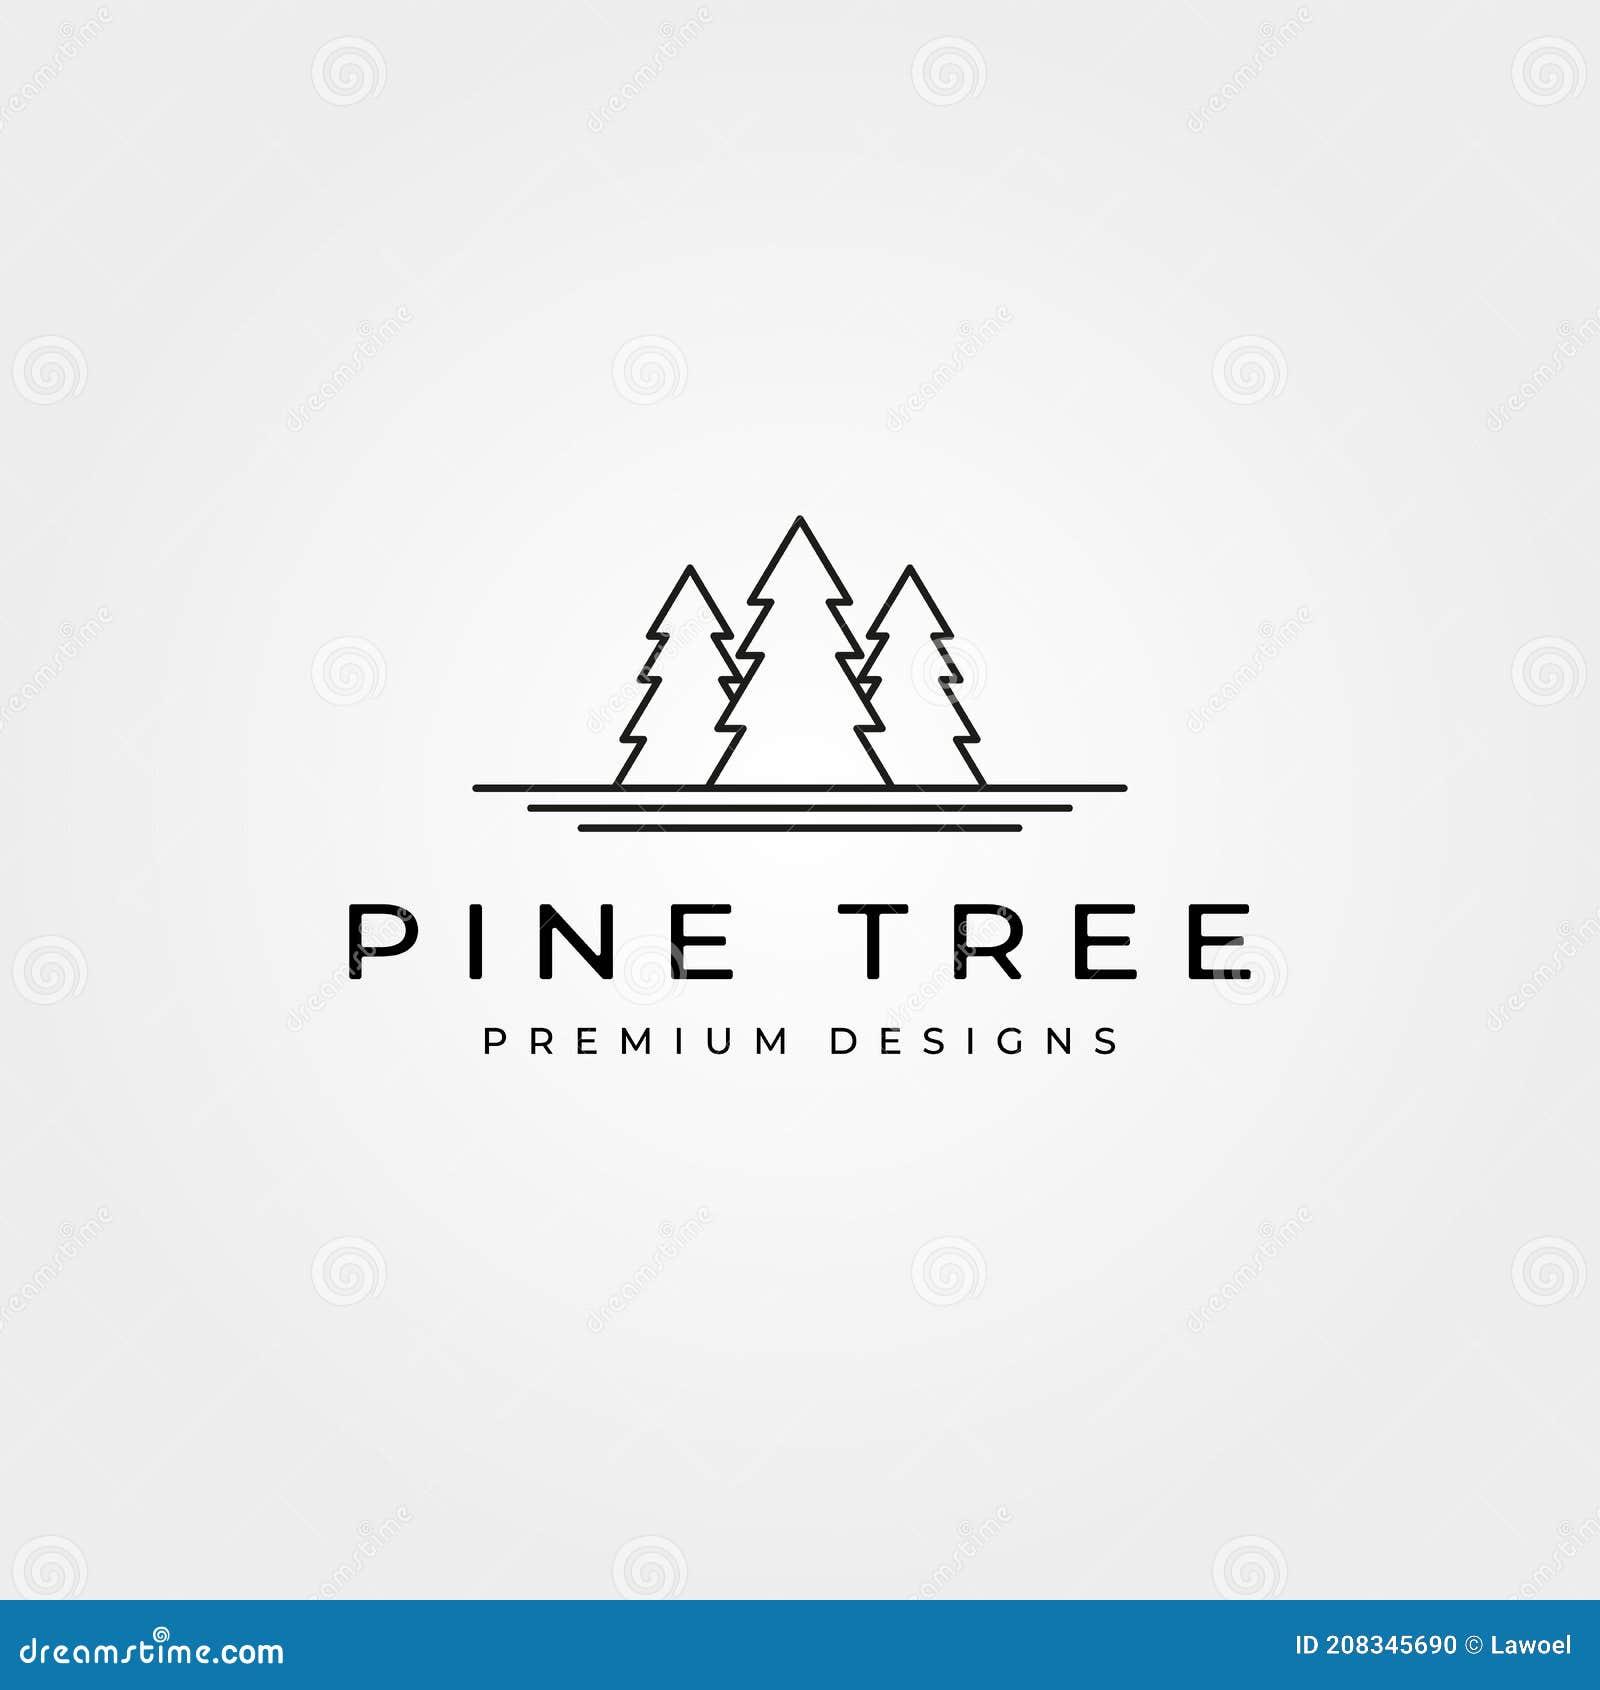 Pine Tree Line Art Stock Illustrations – 20,3020 Pine Tree Line Art ...